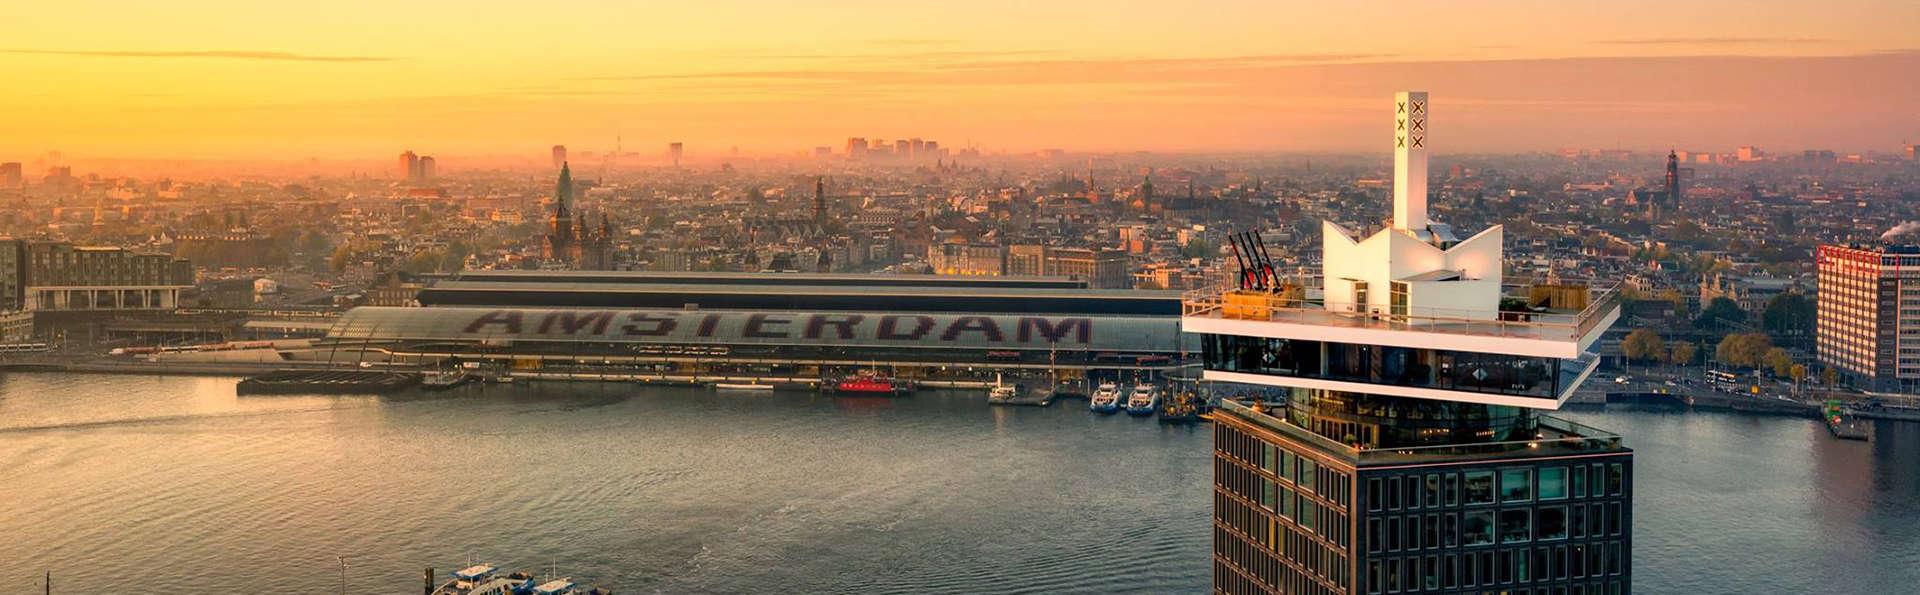 Hotel Aan Zee Amsterdam